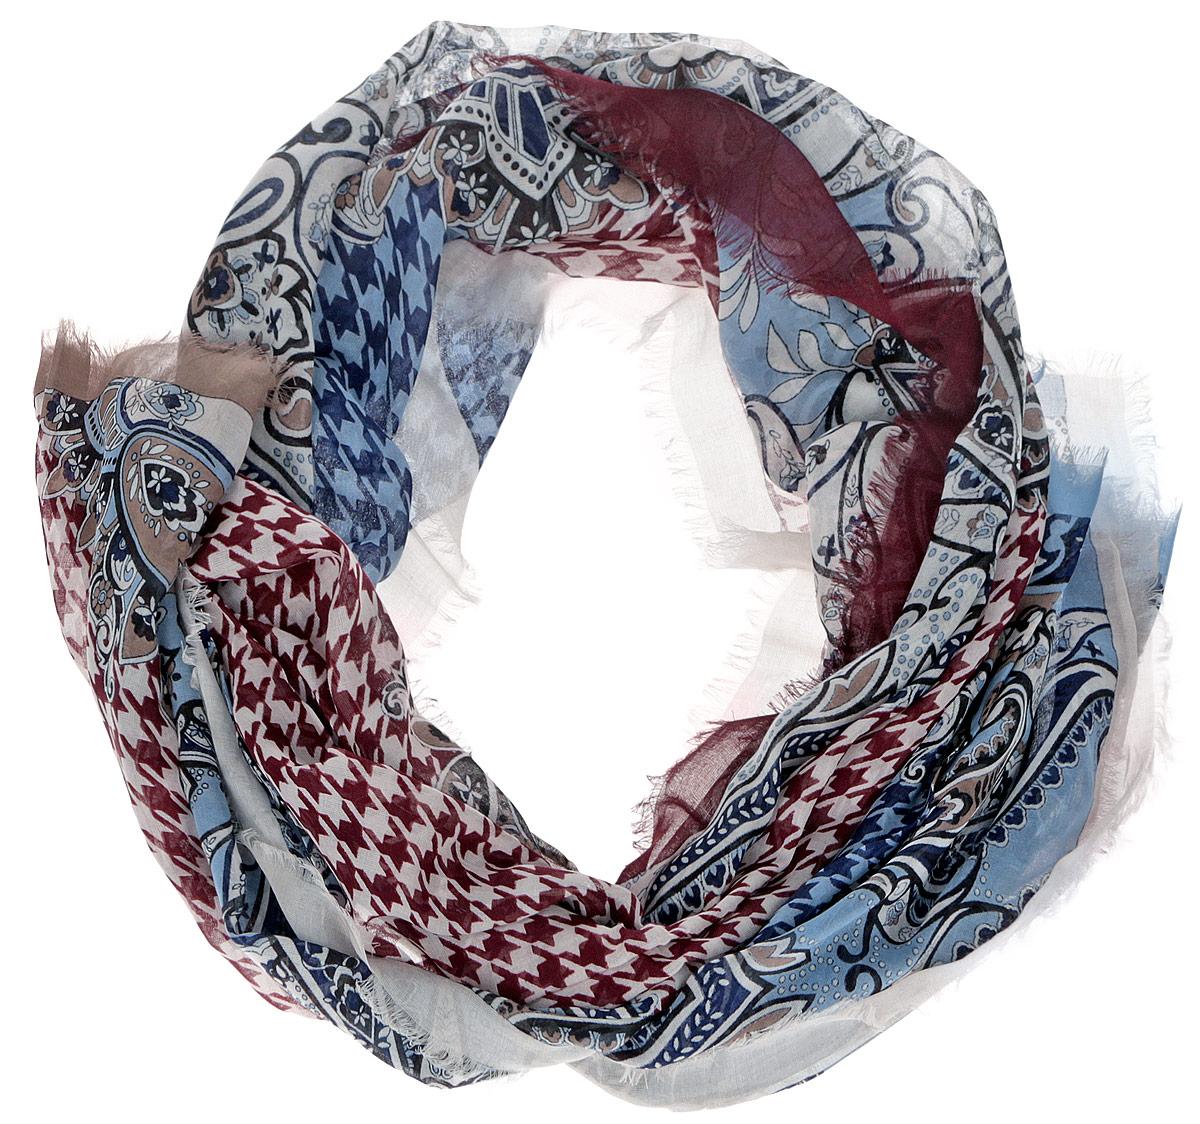 Шарф женский Leo Ventoni, цвет: бордовый, бежевый, голубой. CX1516-55-8. Размер 180 см х 90 смCX1516-55-8Модный женский шарф Leo Ventoni подарит вам уют и станет стильным аксессуаром, который призван подчеркнуть вашу индивидуальность и женственность. Тонкий шарф выполнен из высококачественного 100% модала, он невероятно мягкий и приятный на ощупь. Шарф оформлен тонкой бахромой по краю и украшен принтом в мелкую клетку с изображением изысканных этнических узоров.Этот модный аксессуар гармонично дополнит образ современной женщины, следящей за своим имиджем и стремящейся всегда оставаться стильной и элегантной. Такой шарф украсит любой наряд и согреет вас в непогоду, с ним вы всегда будете выглядеть изысканно и оригинально.